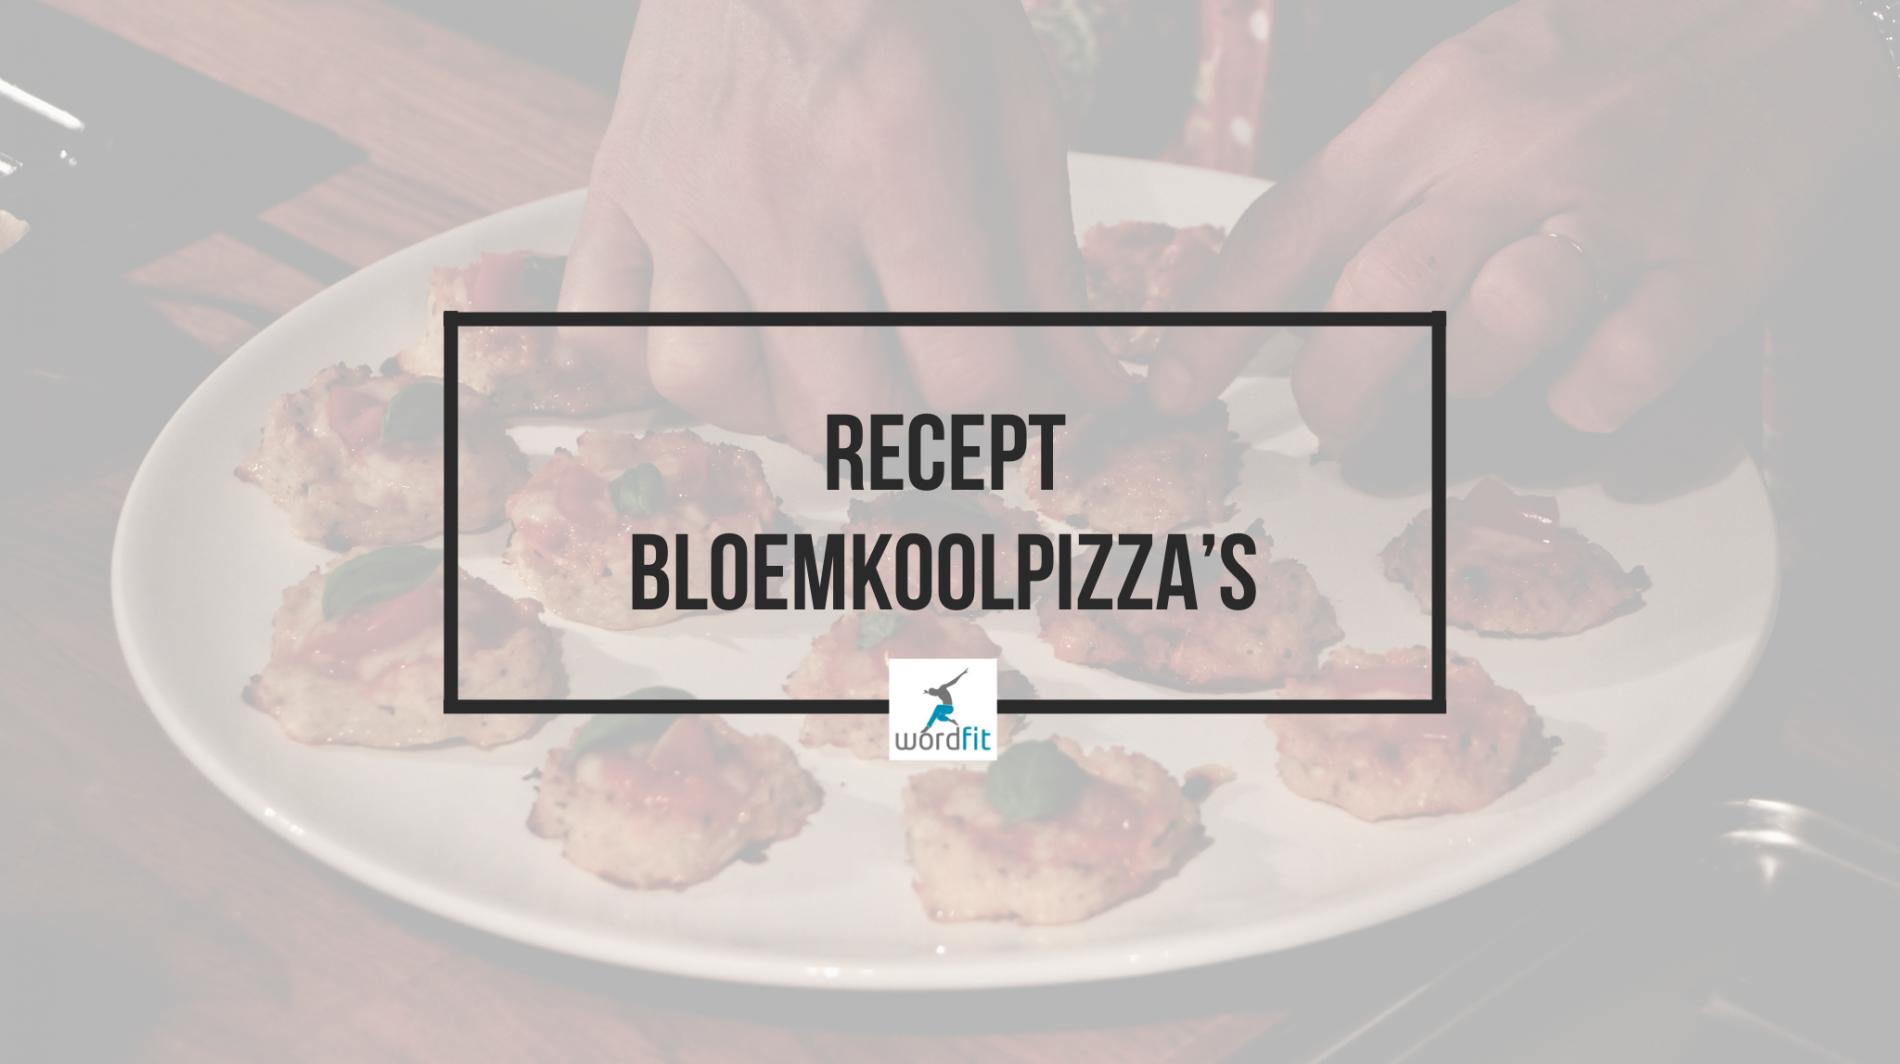 Recept Bloemkoolpizza Gezond leren eten WordFit.be